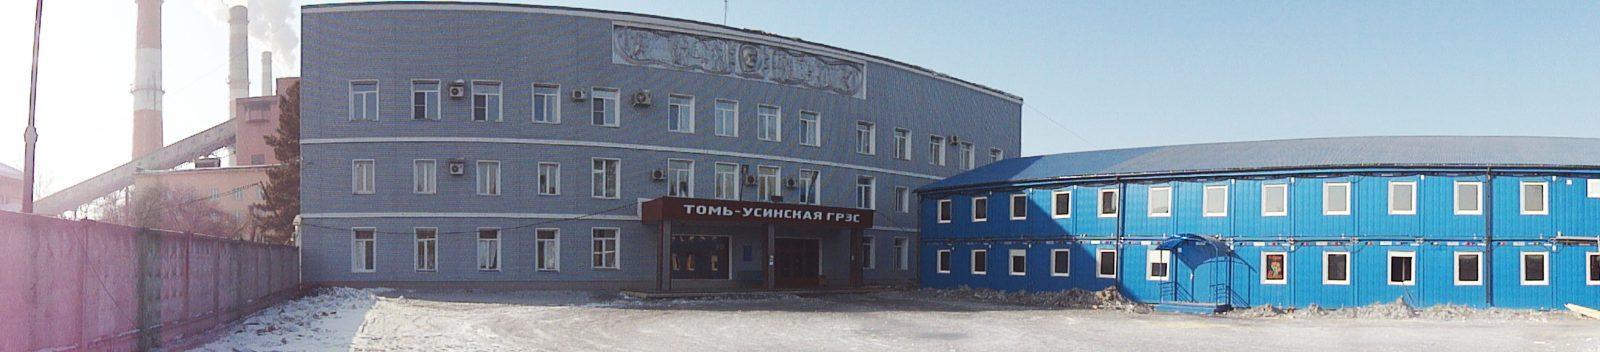 Организация Вахтового городка из блок-модулей «Containex» компанией «Союзмаш-Инжиниринг» на объекте Томь-Усинской ГРЭС